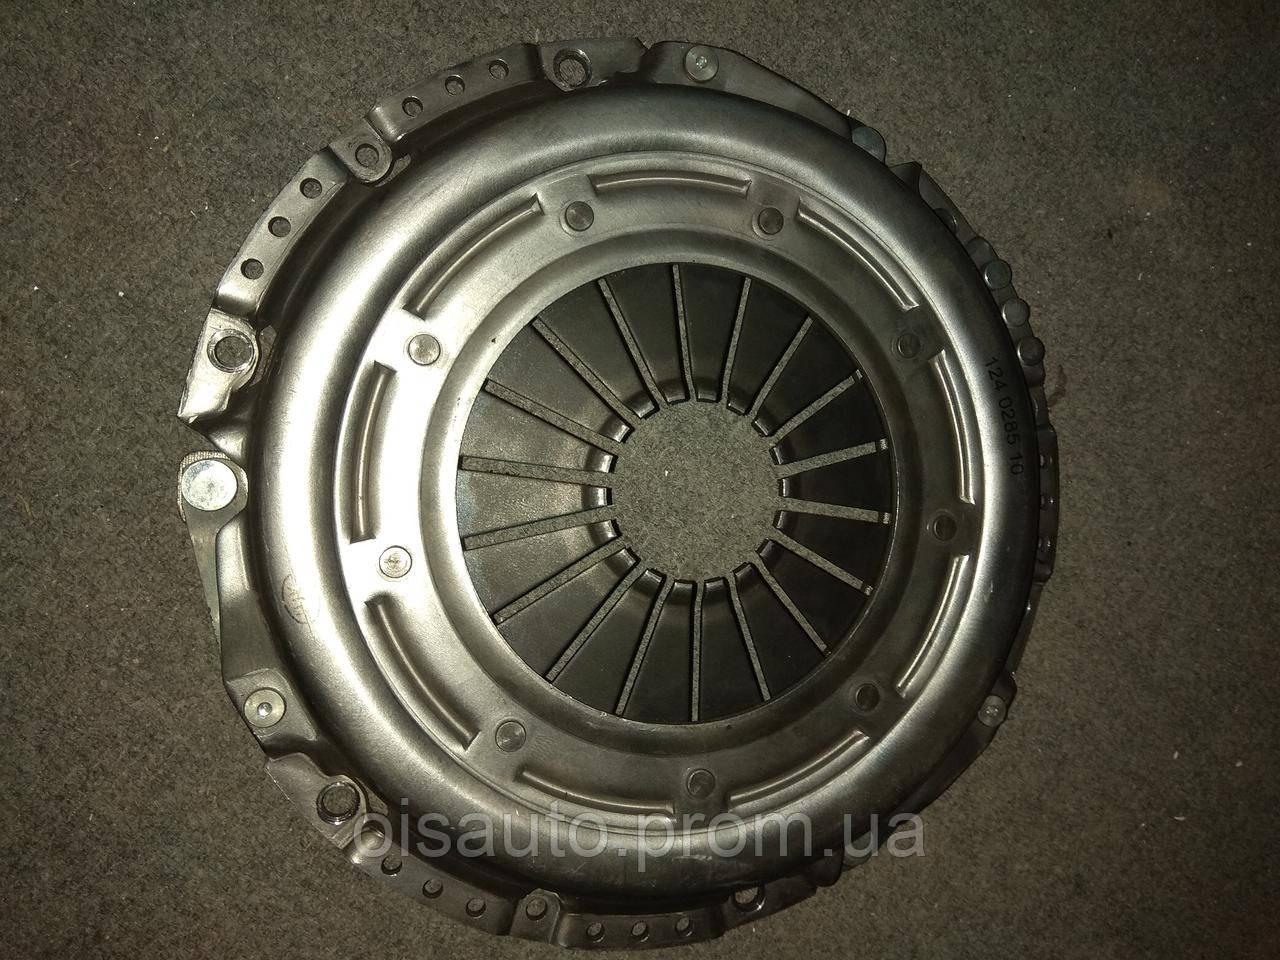 Комплект щеплення  фередо LUK 624305009 (VW / AUDI / Skoda 1.9TDI) 2 частини НОВА КРОРЗИНА + б/у